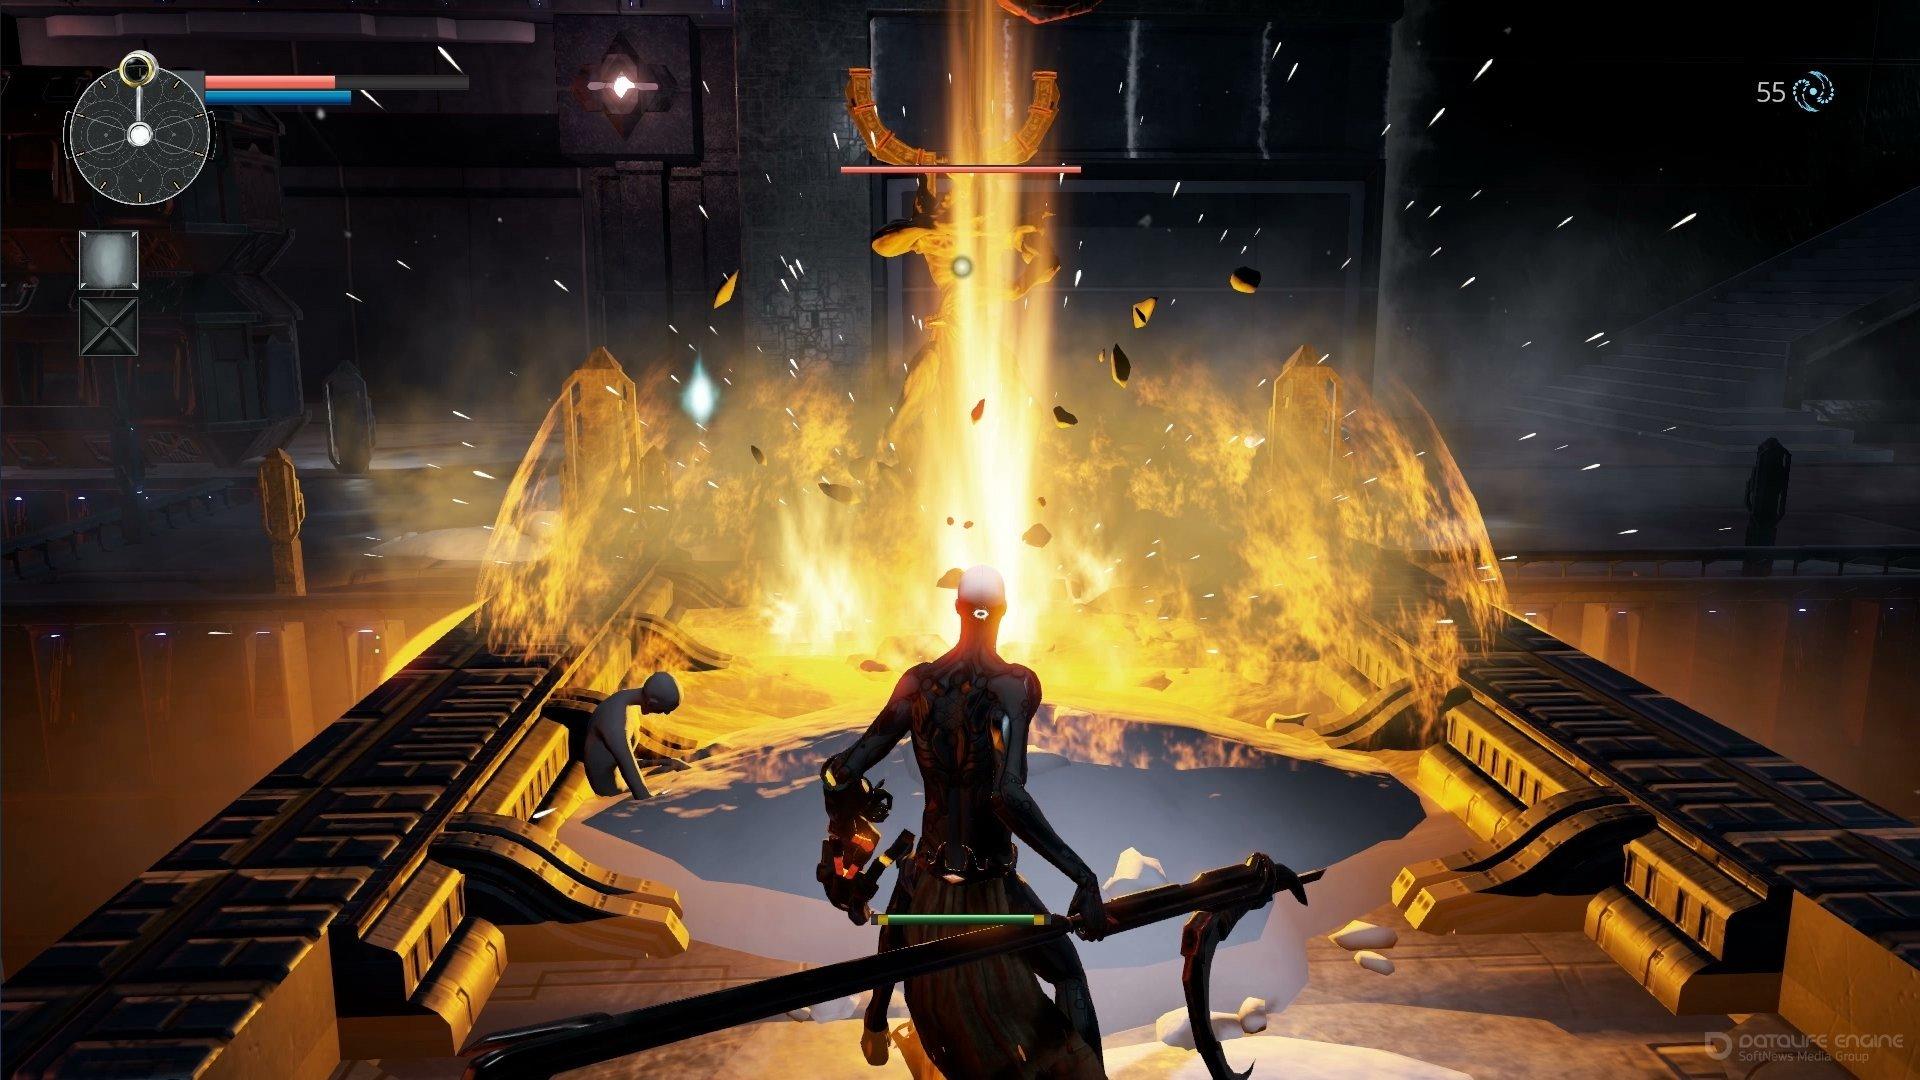 Скриншот к игре Hellpoint v.366 [GOG] (2020) скачать торрент Лицензия